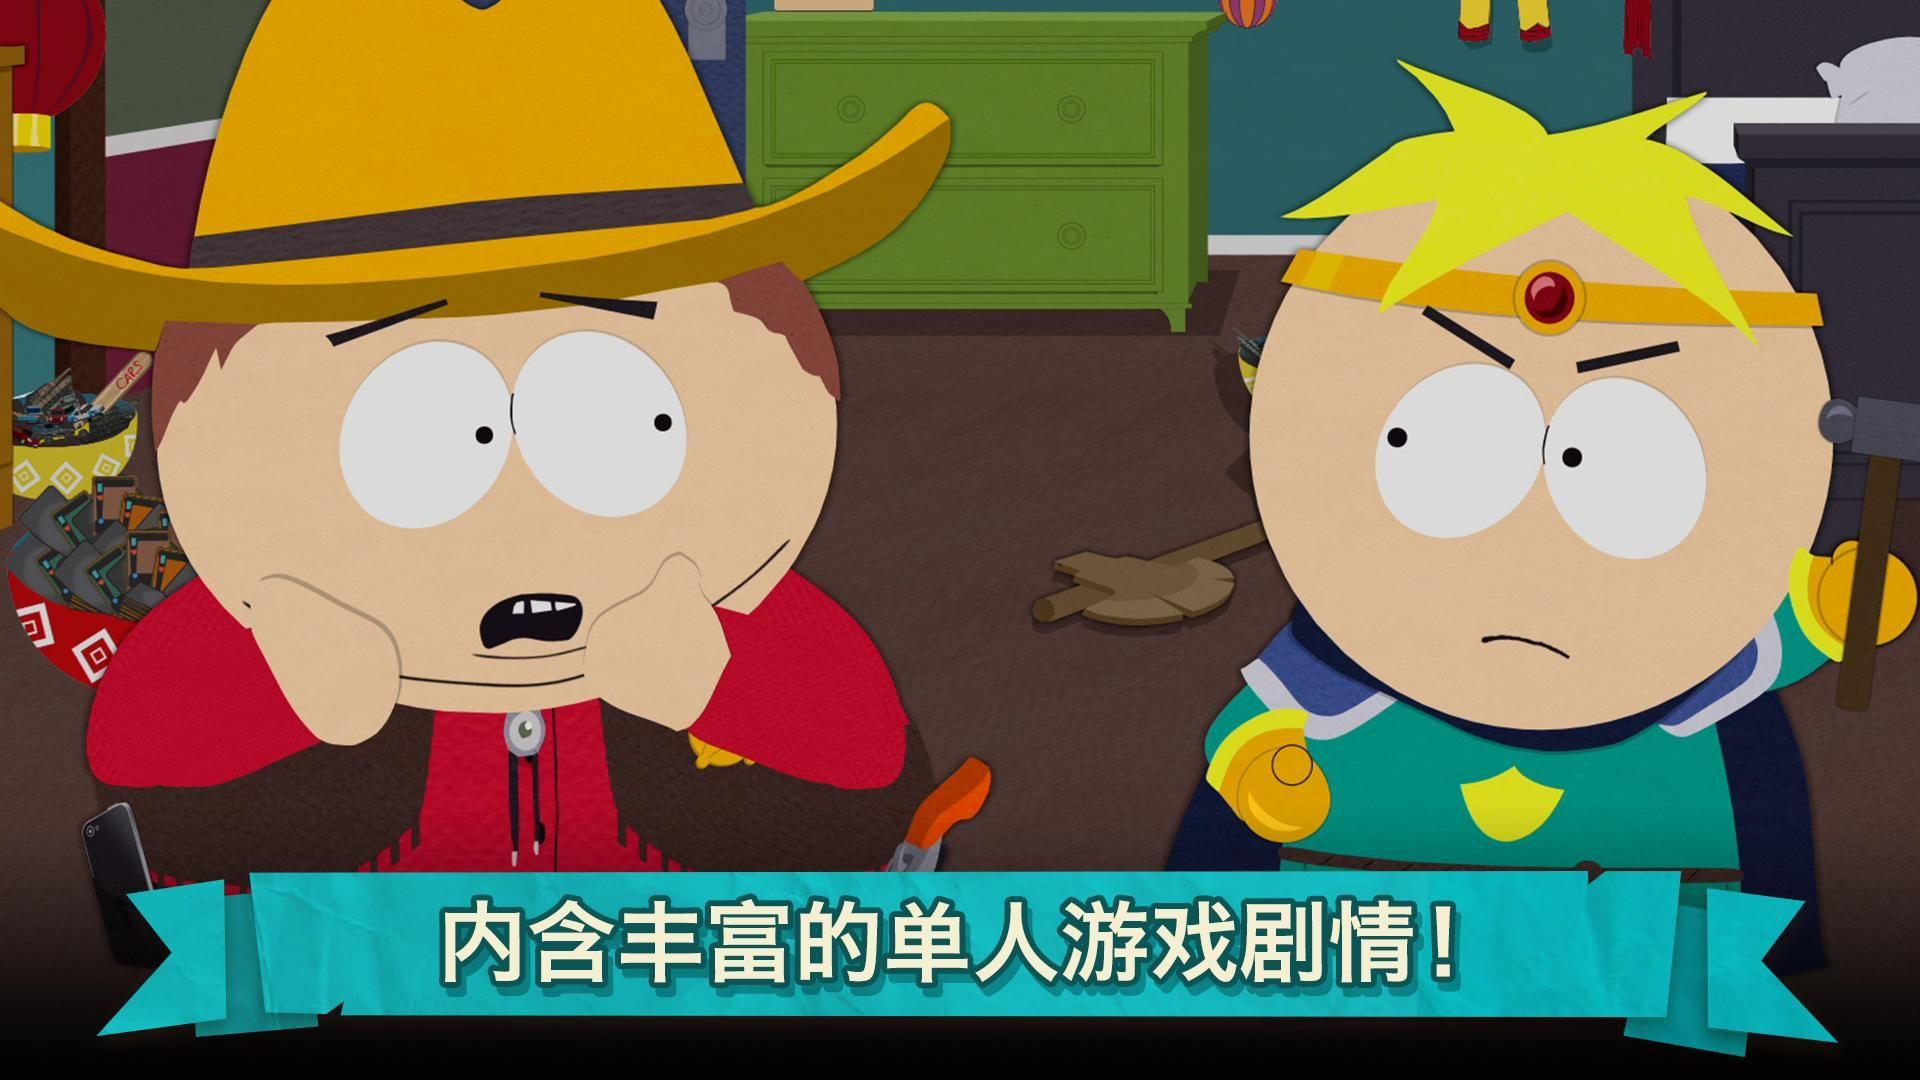 南方公园:手机毁灭者(South Park: Phone Destroyer™) 游戏截图2